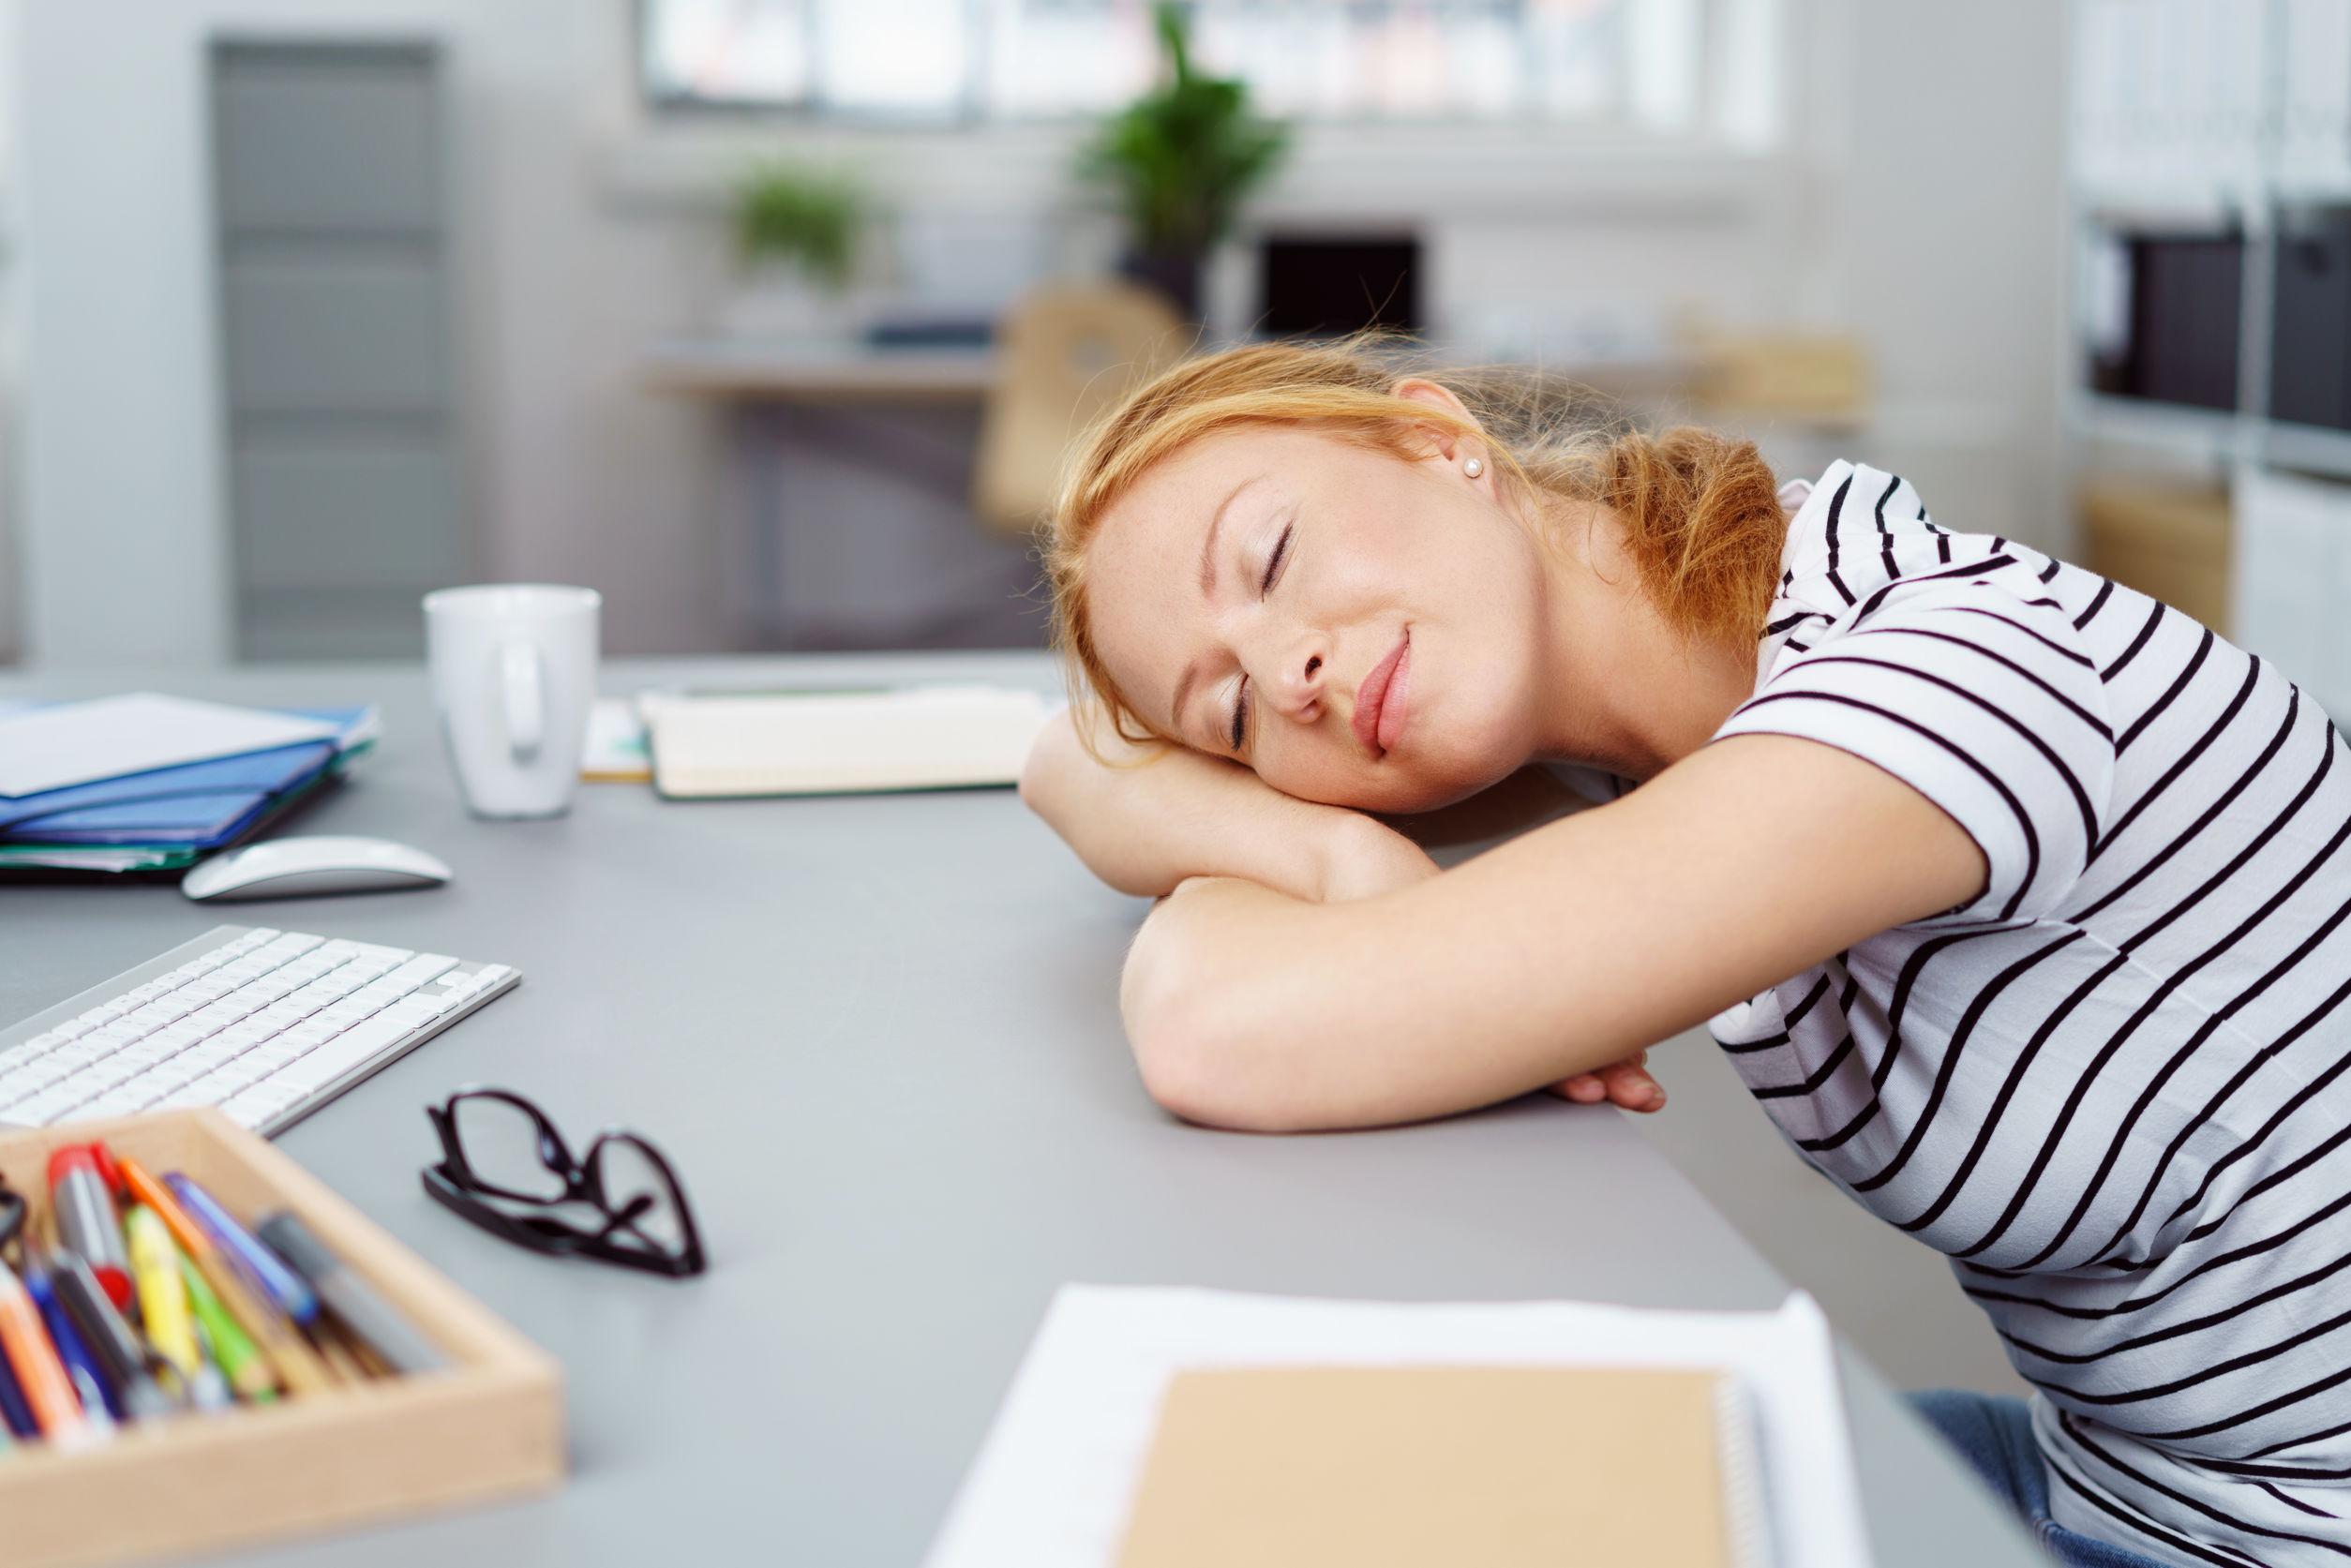 Powernapping: eine junge Frau liegt mit dem Kopf auf dem Schreibtisch und schläft.